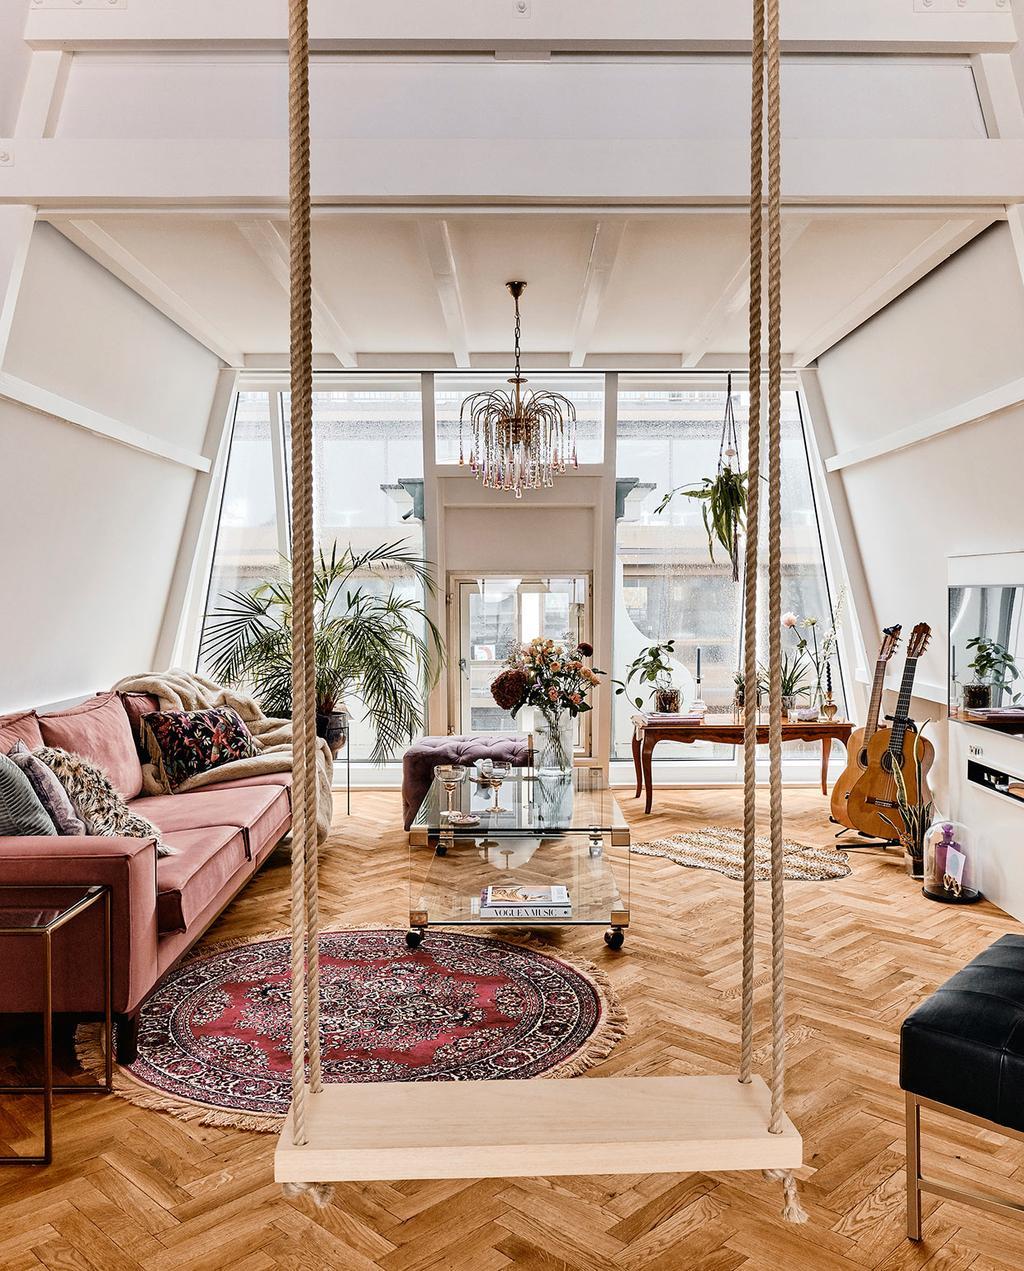 vtwonen 06-2021 | woonkamer van Jessica, met een houten schommel, Perzisch tapijt en een rode bank